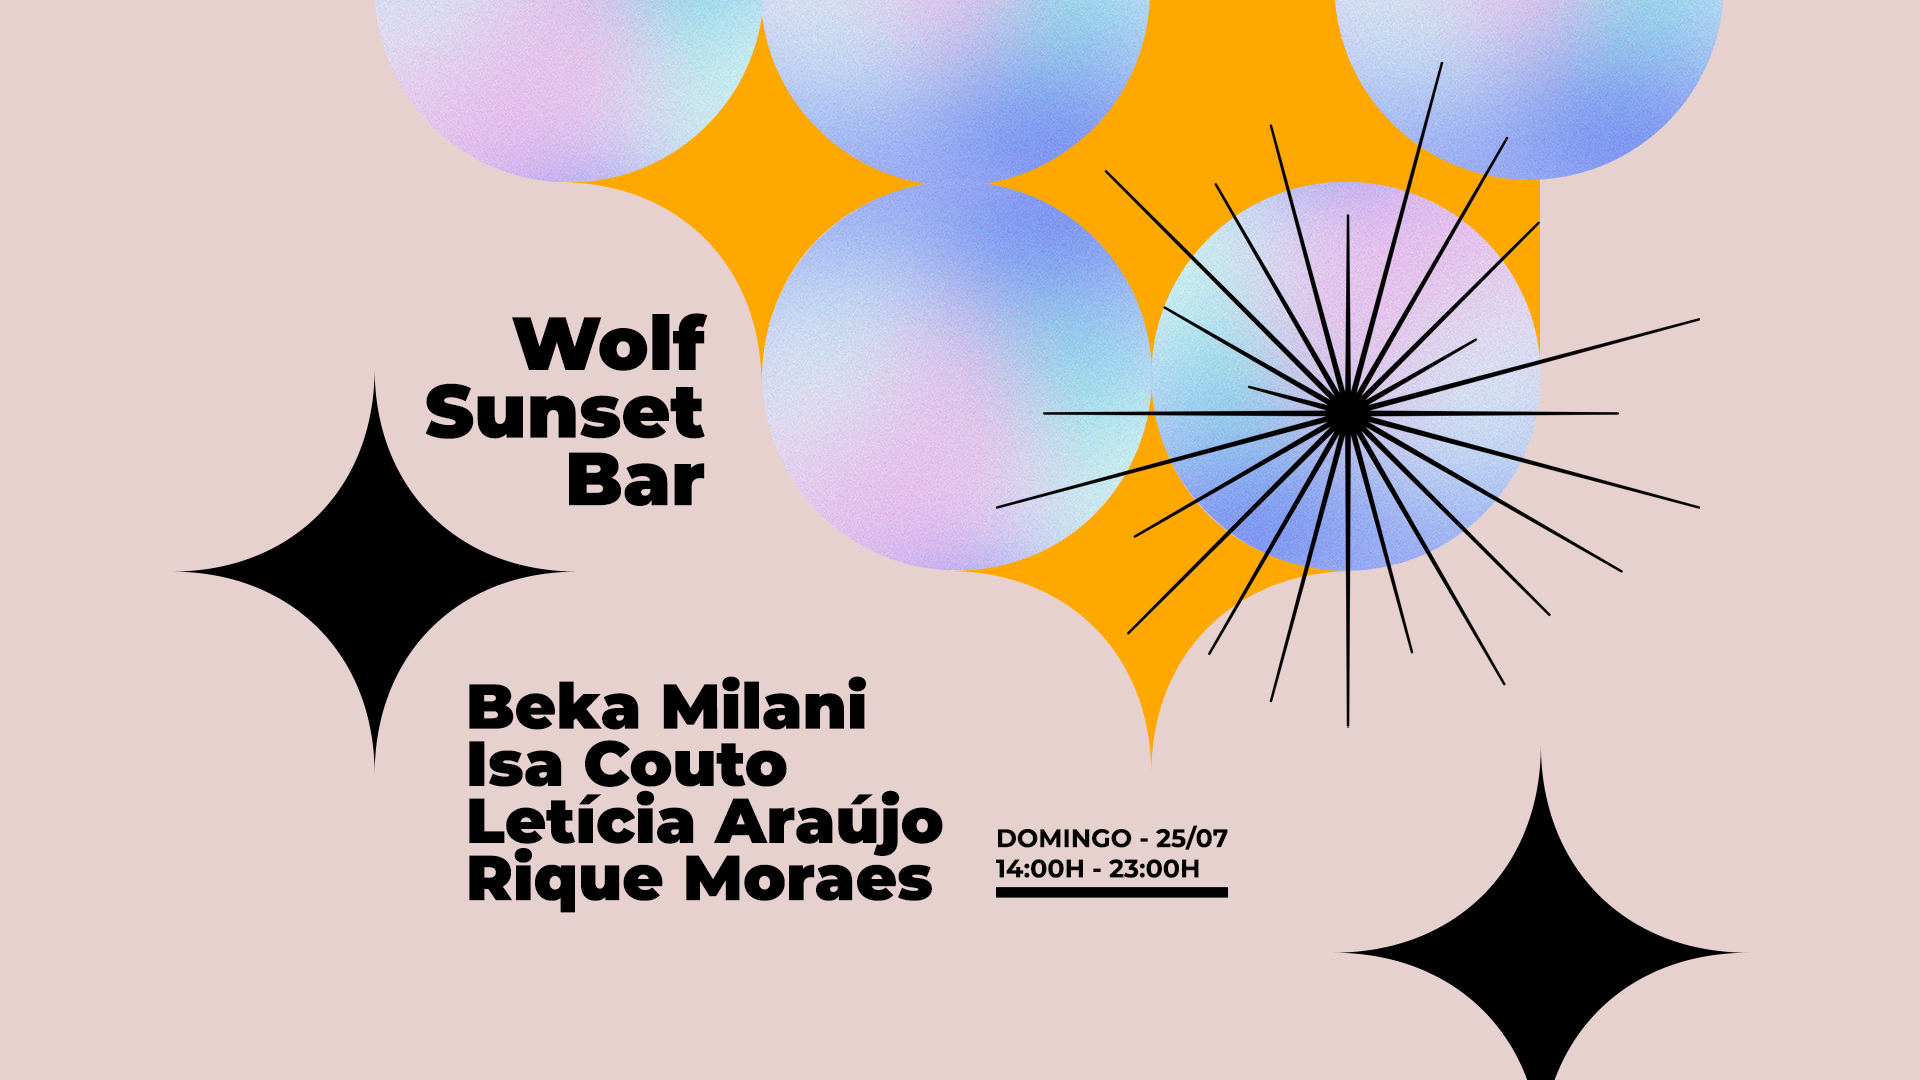 Wolf Sunset Bar